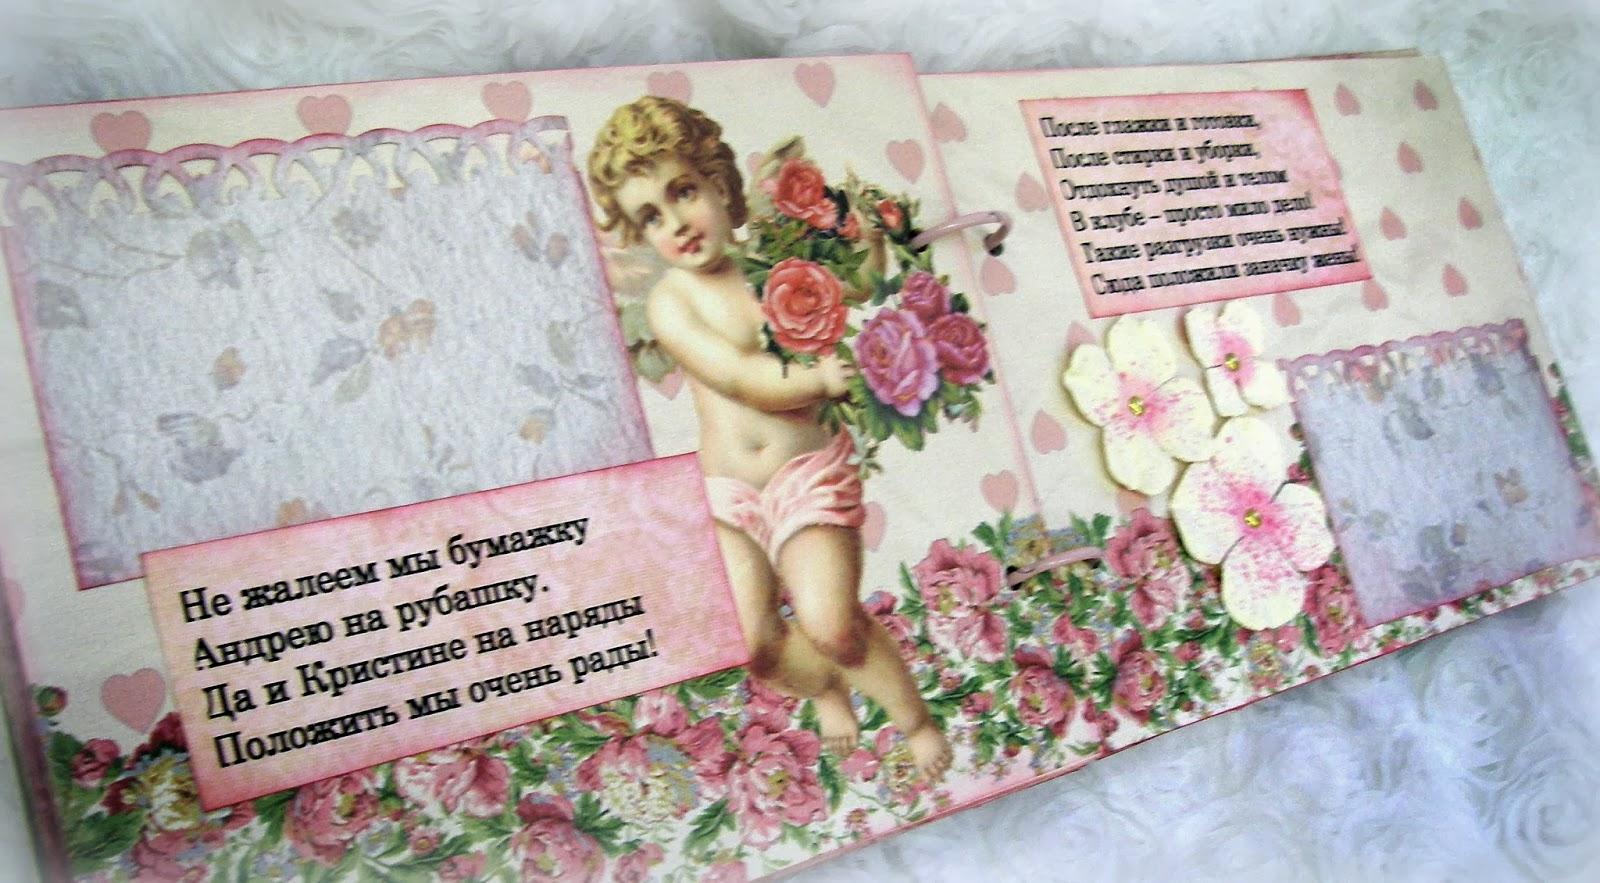 Поздравление молодожен от мамы невесты